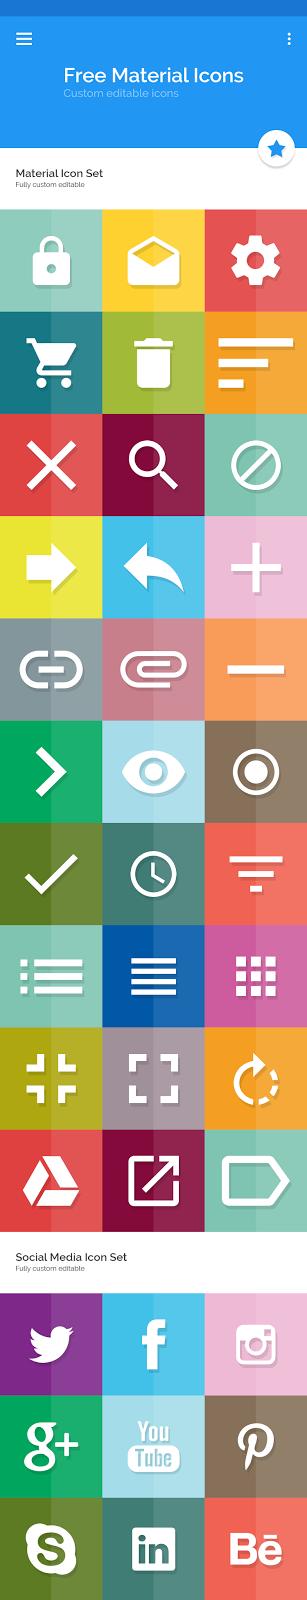 ikon, ücretsiz ikon seti indir, sosyal medya ikon seti indir, google ikon indir, karışık ikon seti indir, psd dosyası, photoshop,